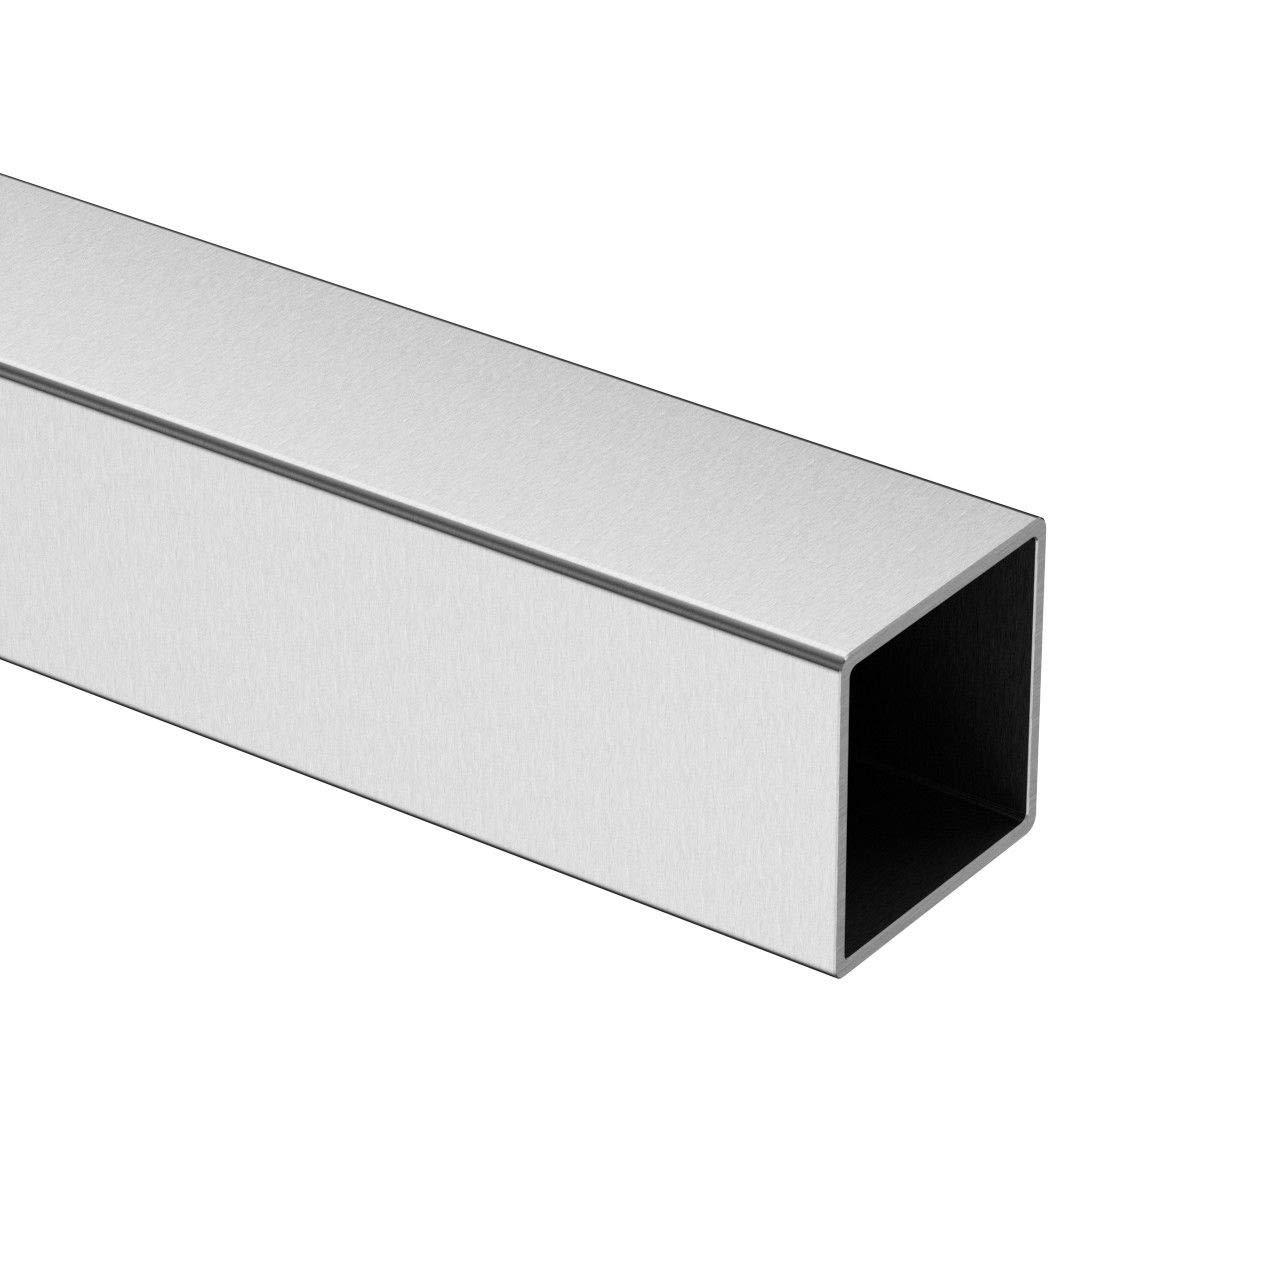 40x40x2 geschliffen Rohr K320 Gel/änderrohr Ror 100-150-200cm Edelstahl Gel/änder Rundrohr Edelstahlrohr /Ø42,4 x 2mm// 12,0 x 1mm /Ø42,4 x 2 mm, 300cm